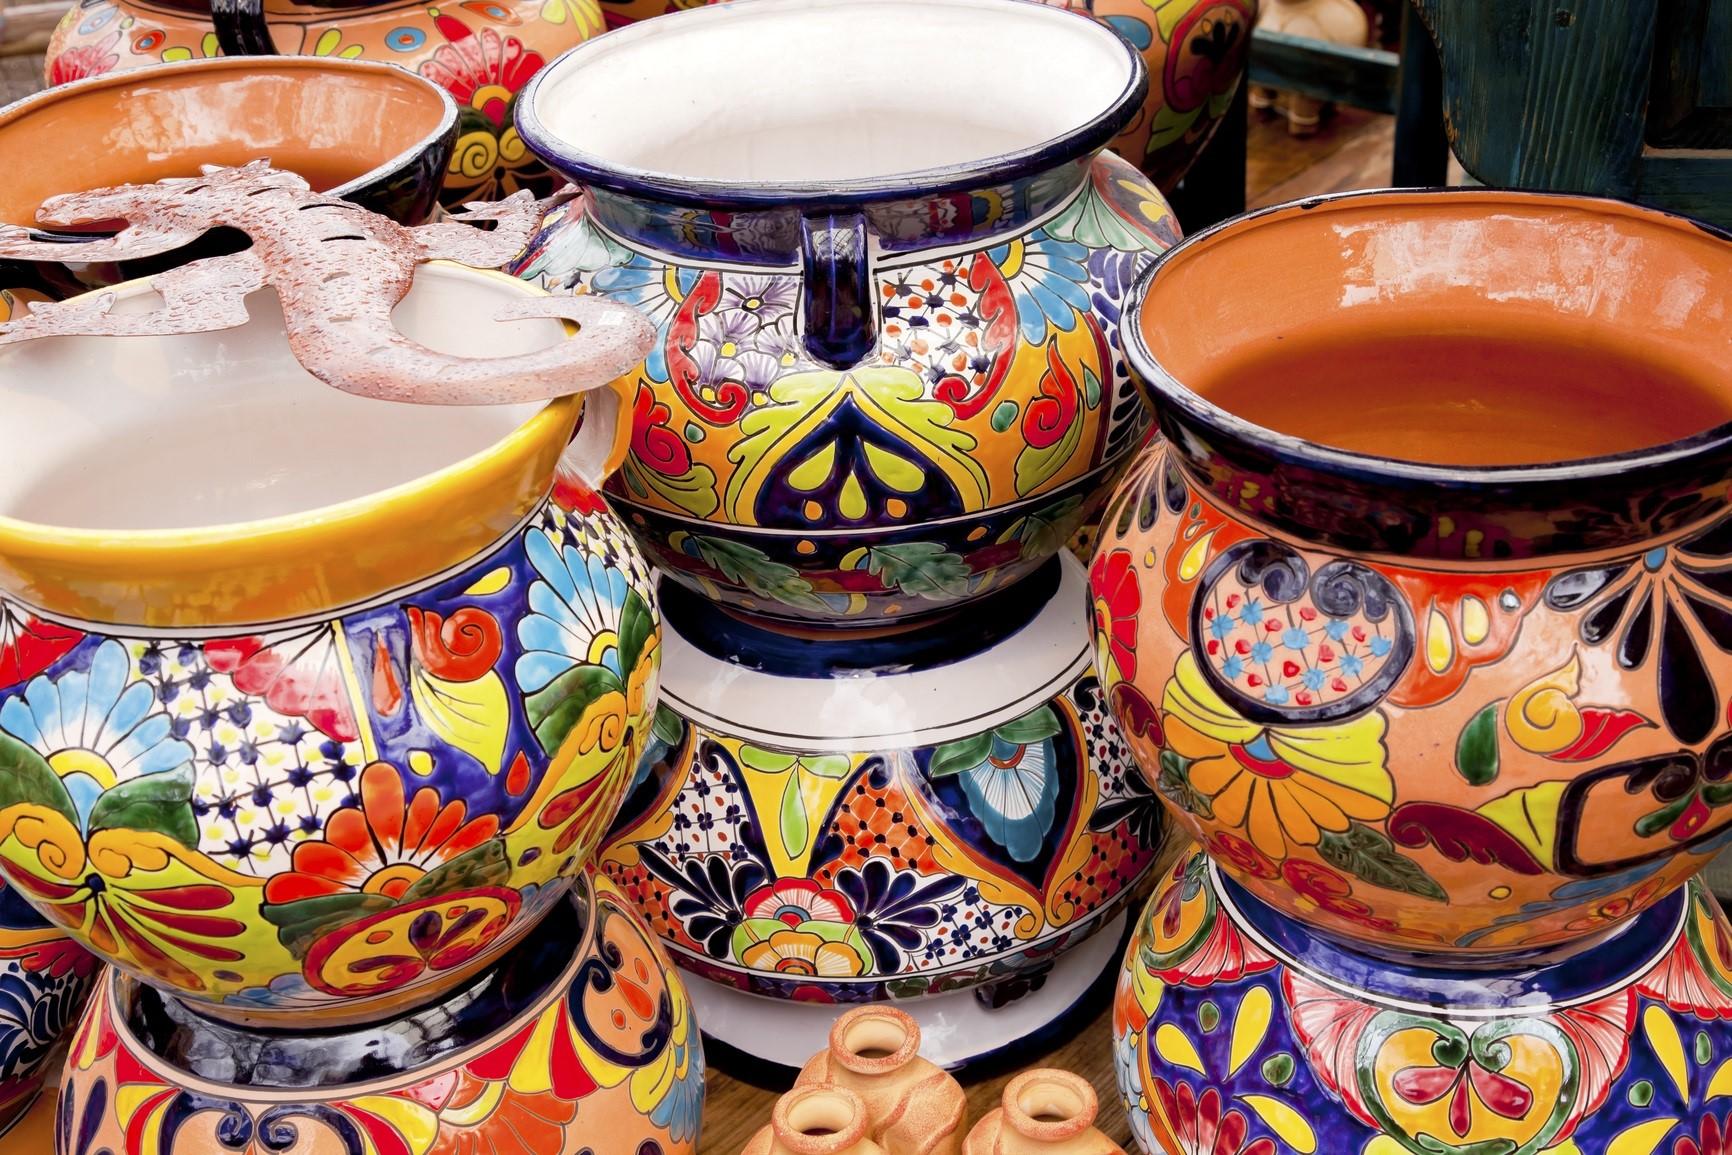 Arts and Crafts - Mexican Colorful Souvenir Ceramic Pots Sedona Arizona